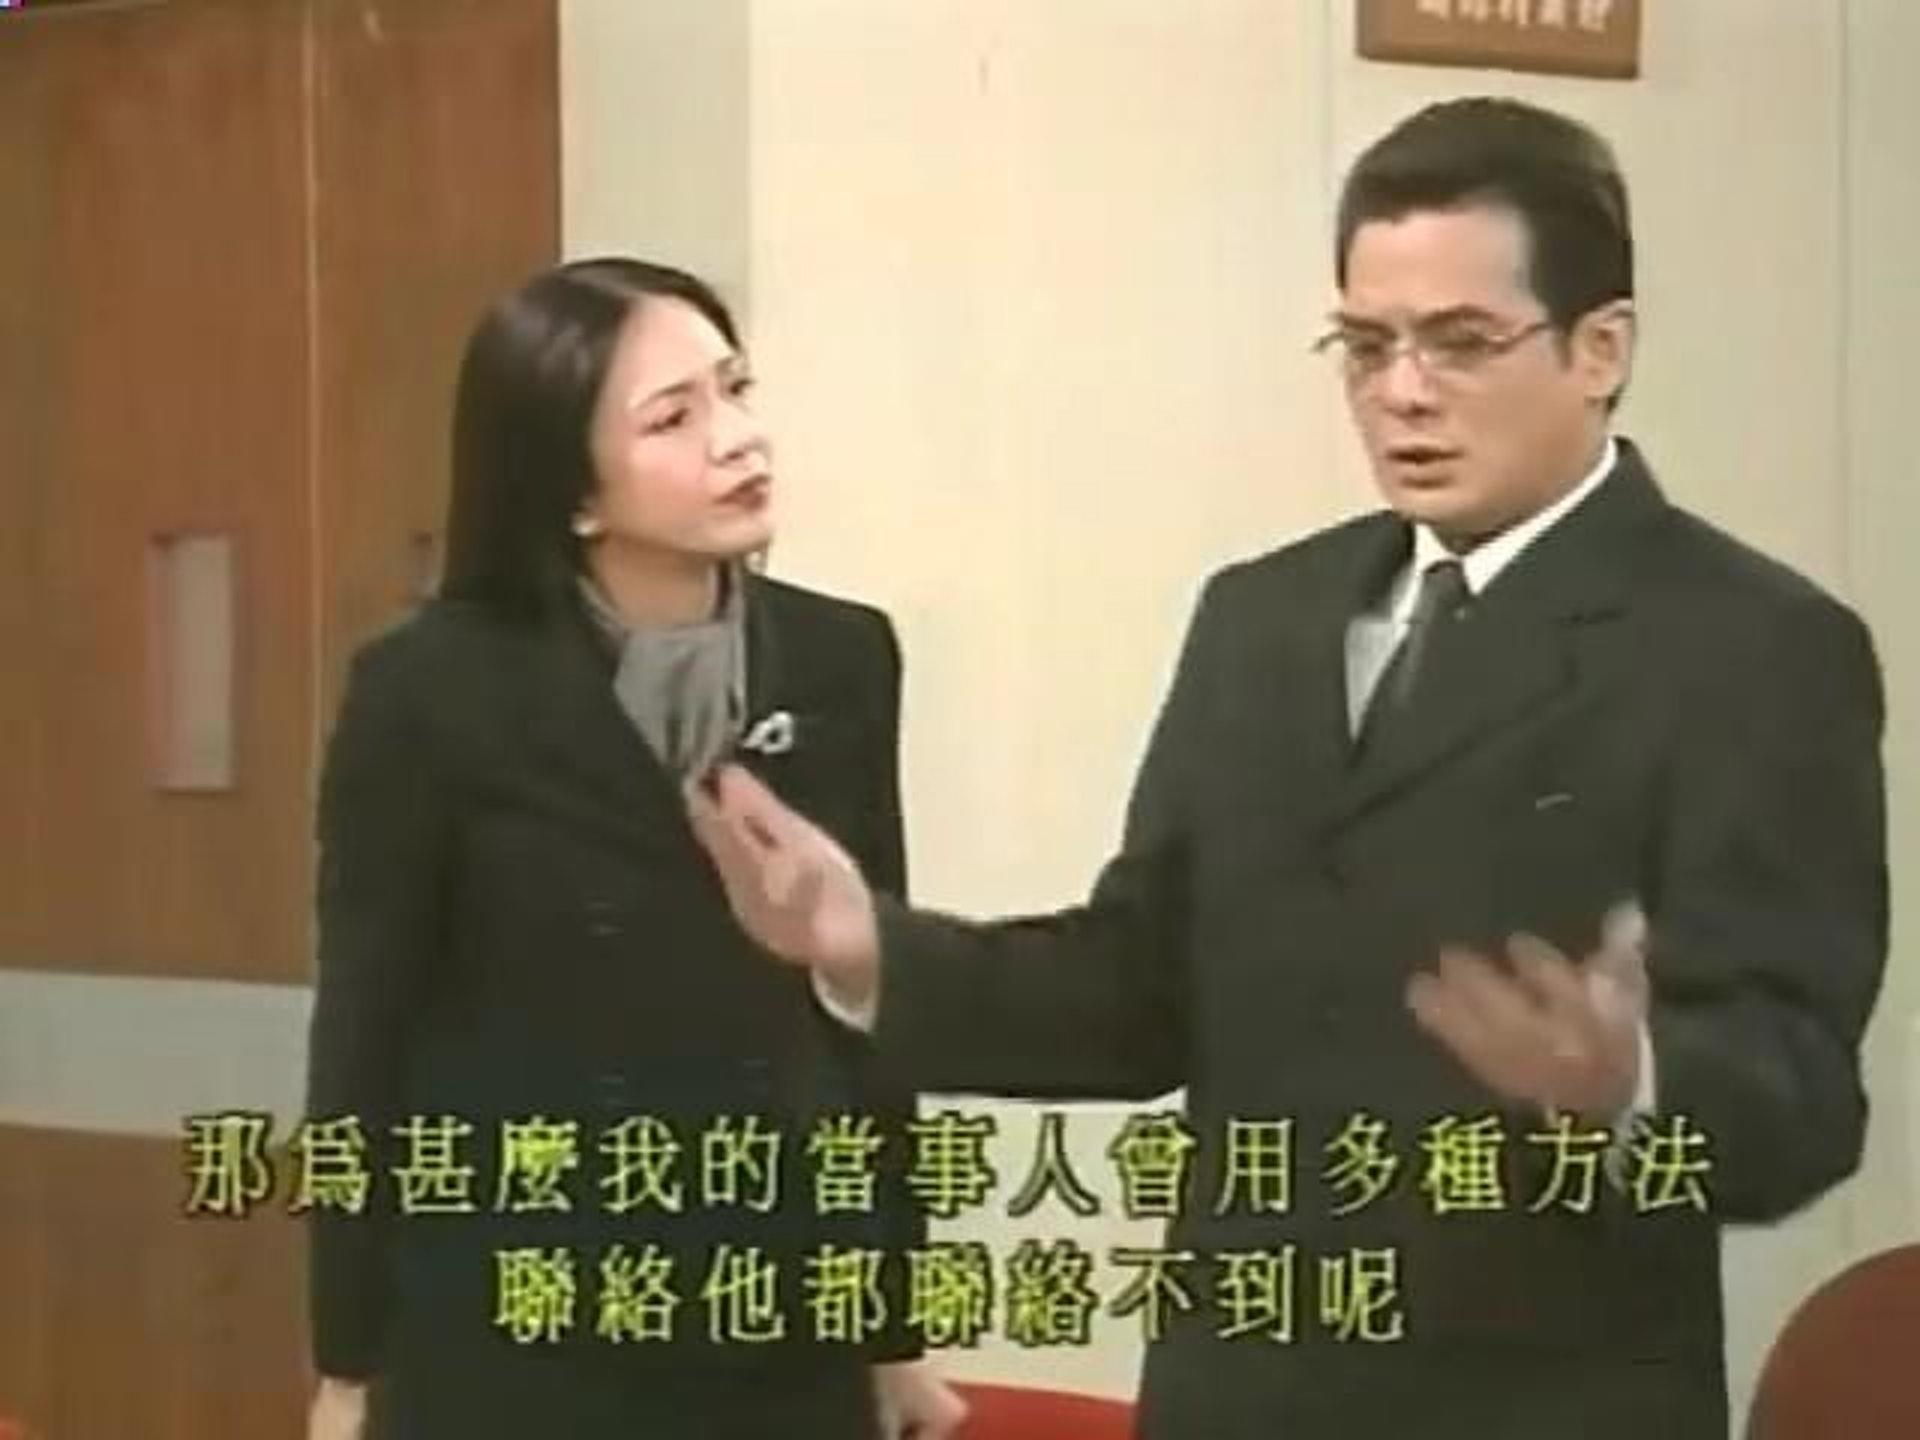 2000年《男親女愛》李國麟飾演的Alex Pao 令人印象深刻。(《男親女愛》截圖)